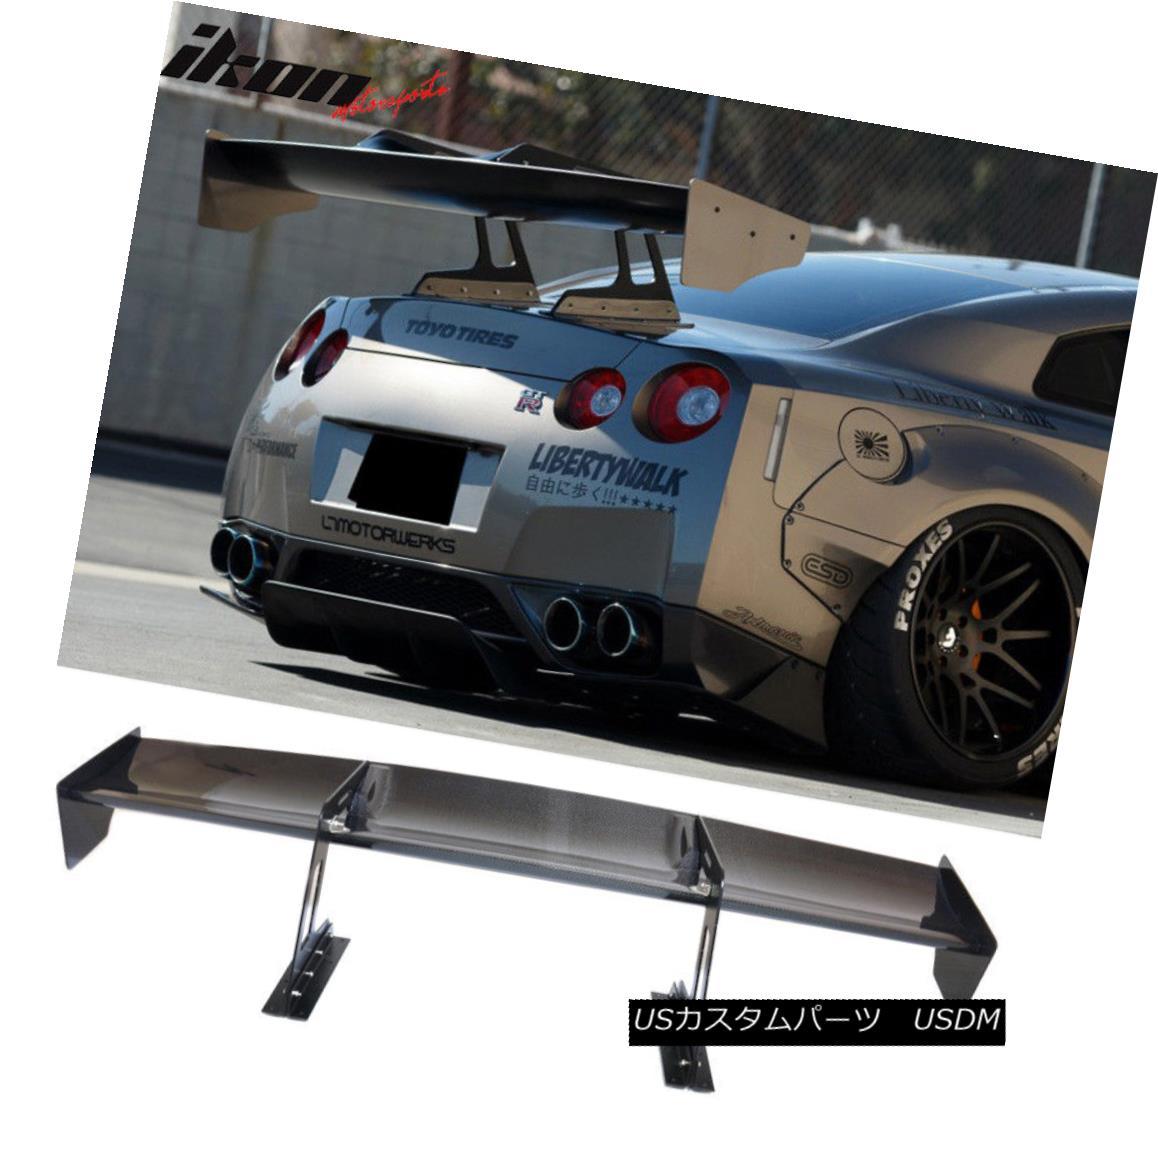 エアロパーツ For Nissan GTR GT-R R35 Swan Neck Trunk Wing Spoiler Carbon Fiber 日産GTR GT-R R35スワンネックトランクウイングスポイラーカーボンファイバー